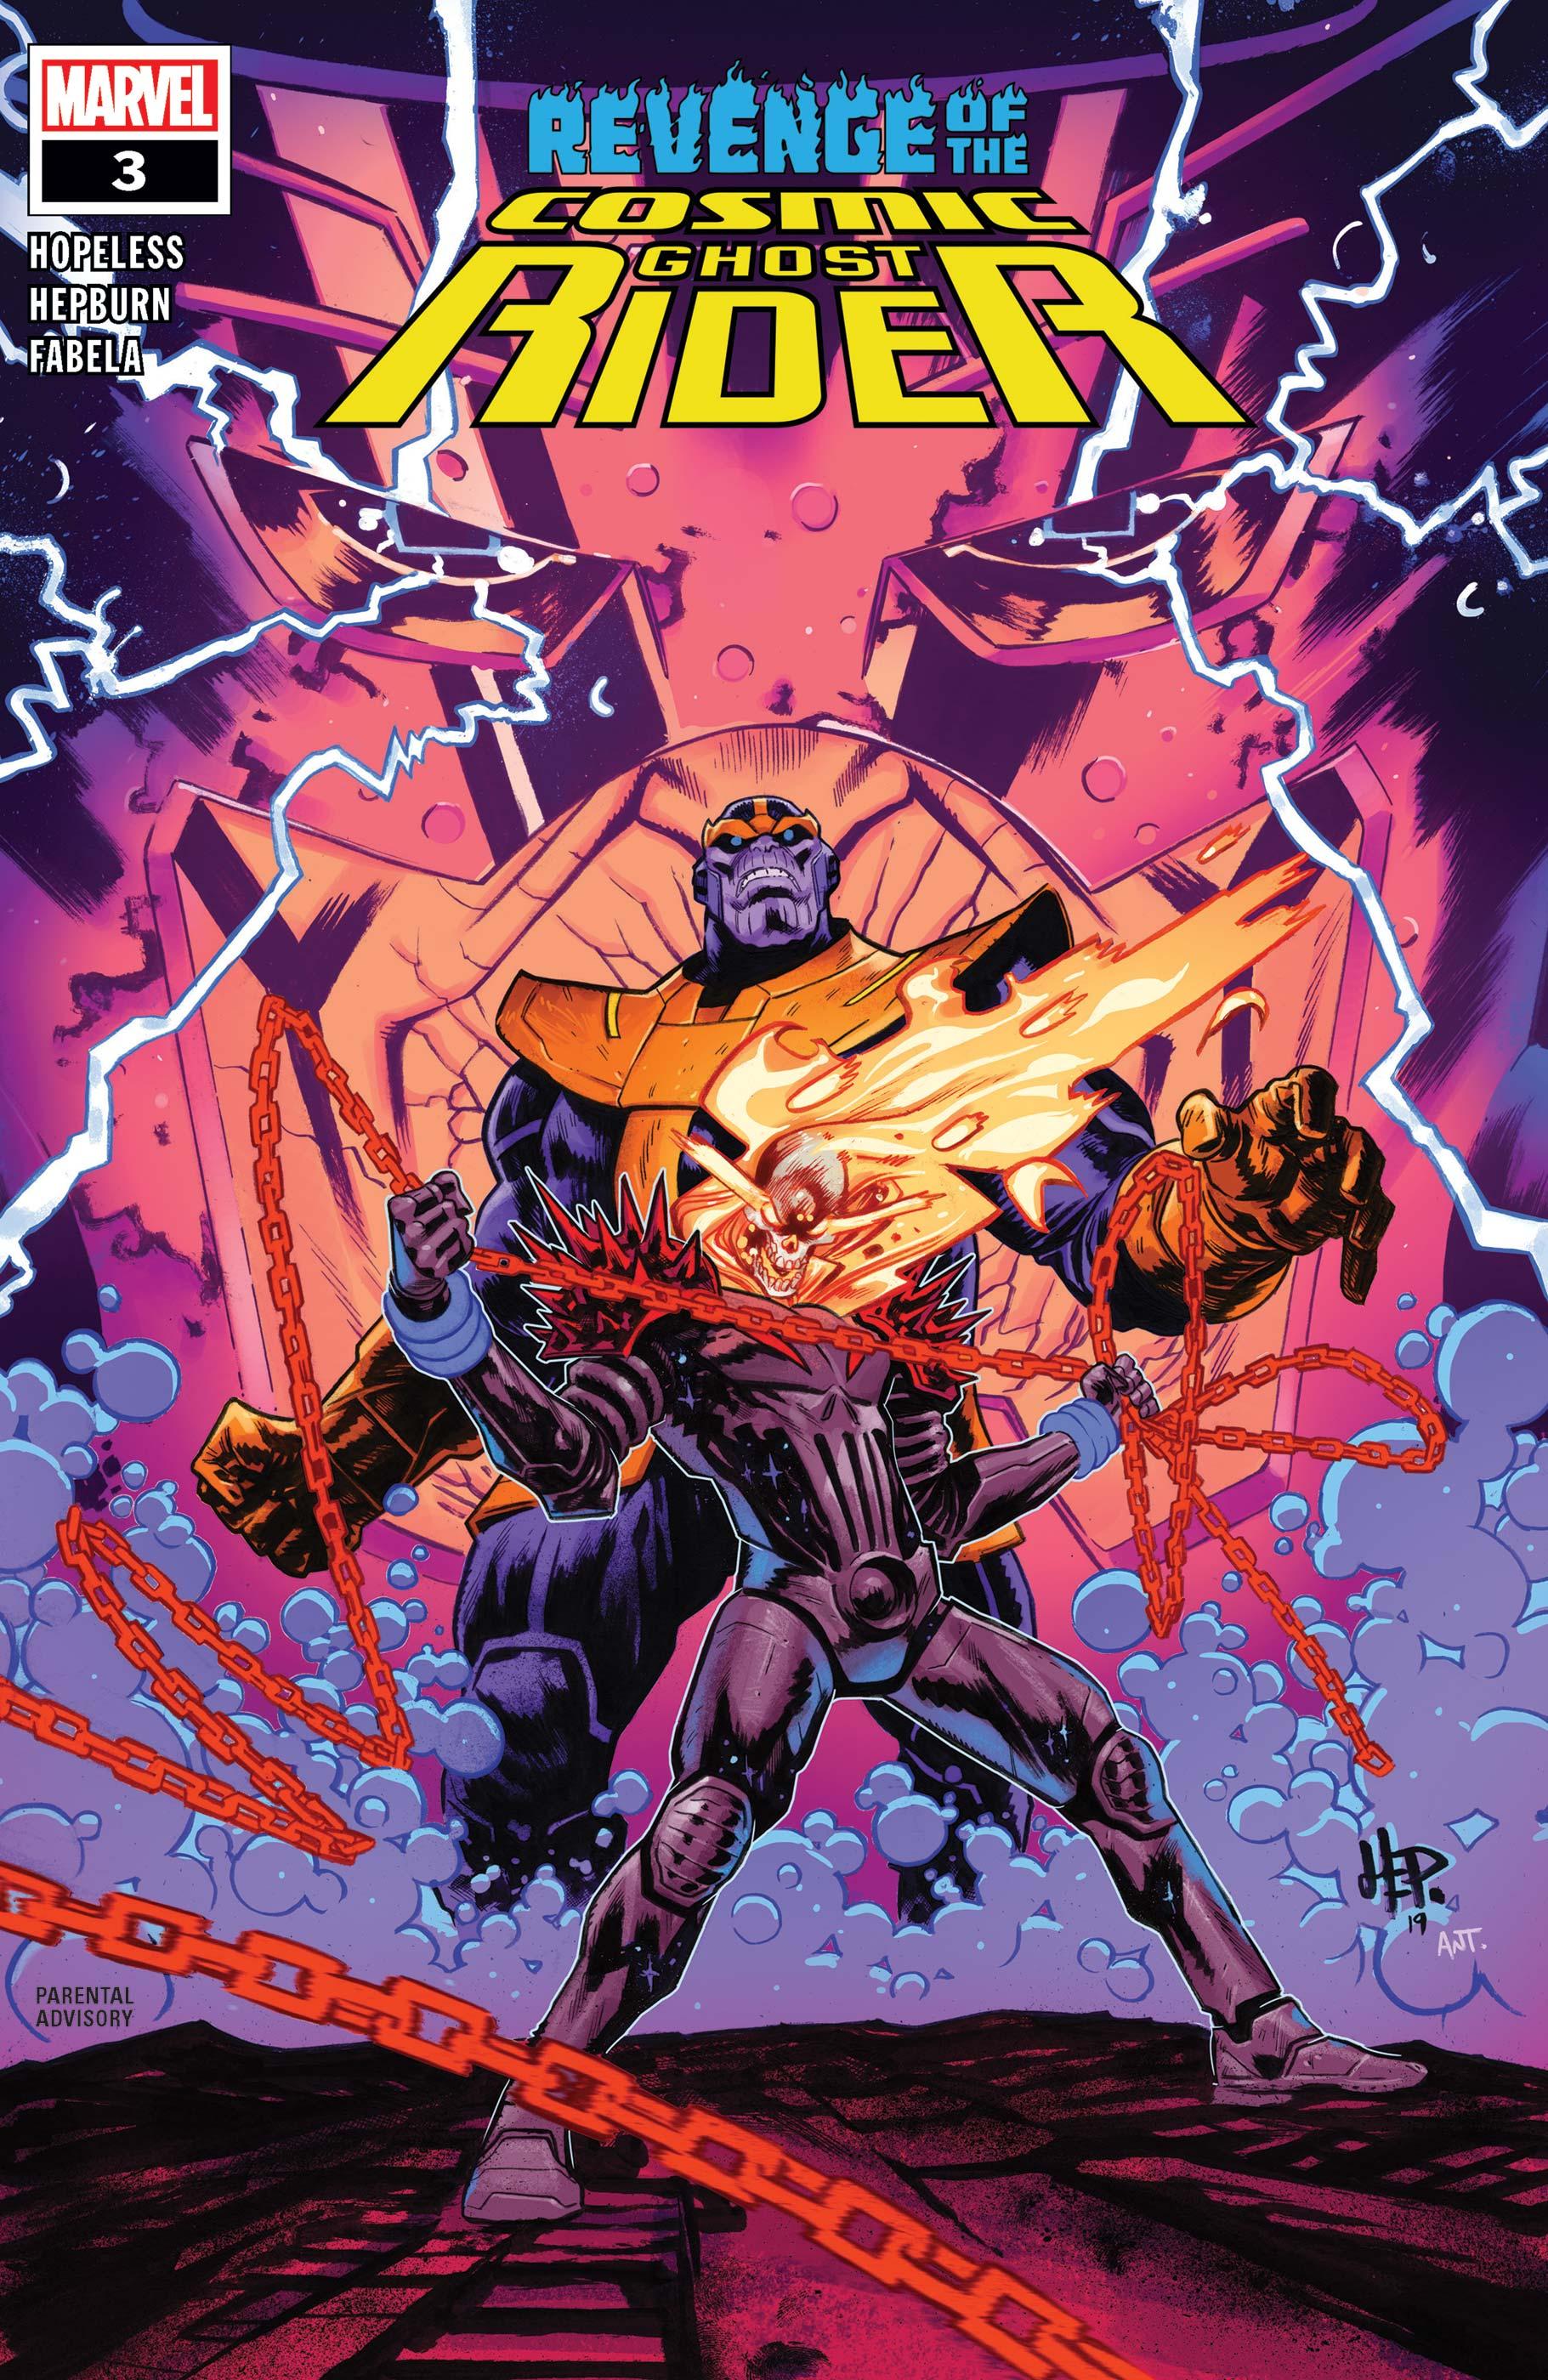 Revenge of the Cosmic Ghost Rider (2019) #3